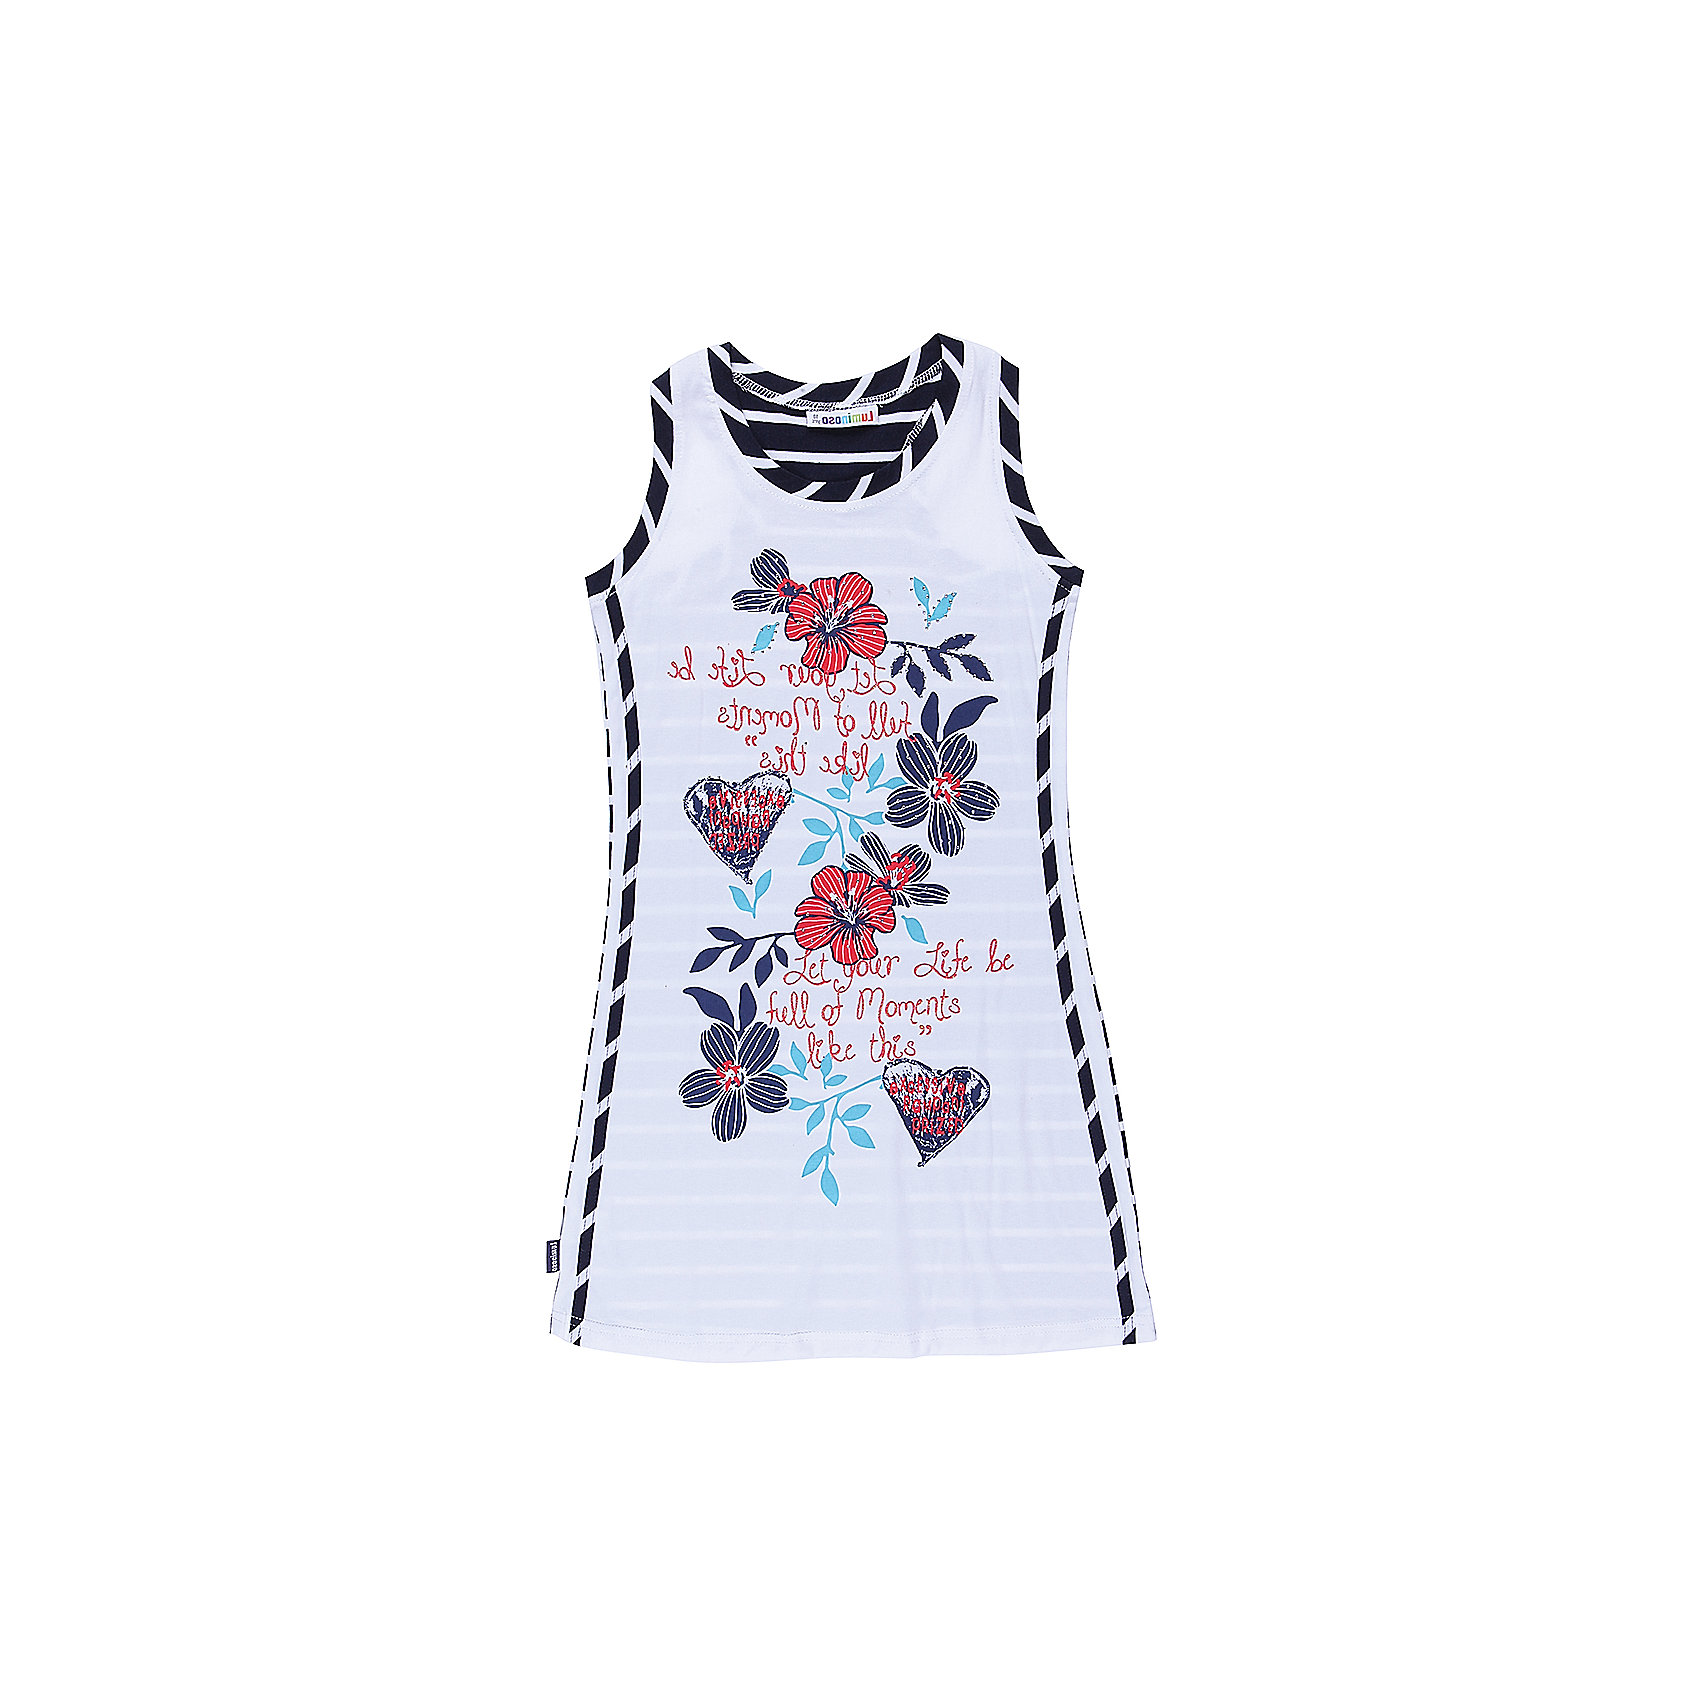 Платье для девочки LuminosoТрикотажное платье для девочки из комбинированной ткани. Декорирован ярким принтом. Приталенный крой.<br>Состав:<br>95%хлопок 5%эластан<br><br>Ширина мм: 236<br>Глубина мм: 16<br>Высота мм: 184<br>Вес г: 177<br>Цвет: белый<br>Возраст от месяцев: 96<br>Возраст до месяцев: 108<br>Пол: Женский<br>Возраст: Детский<br>Размер: 134,140,146,152,158,164<br>SKU: 5413326